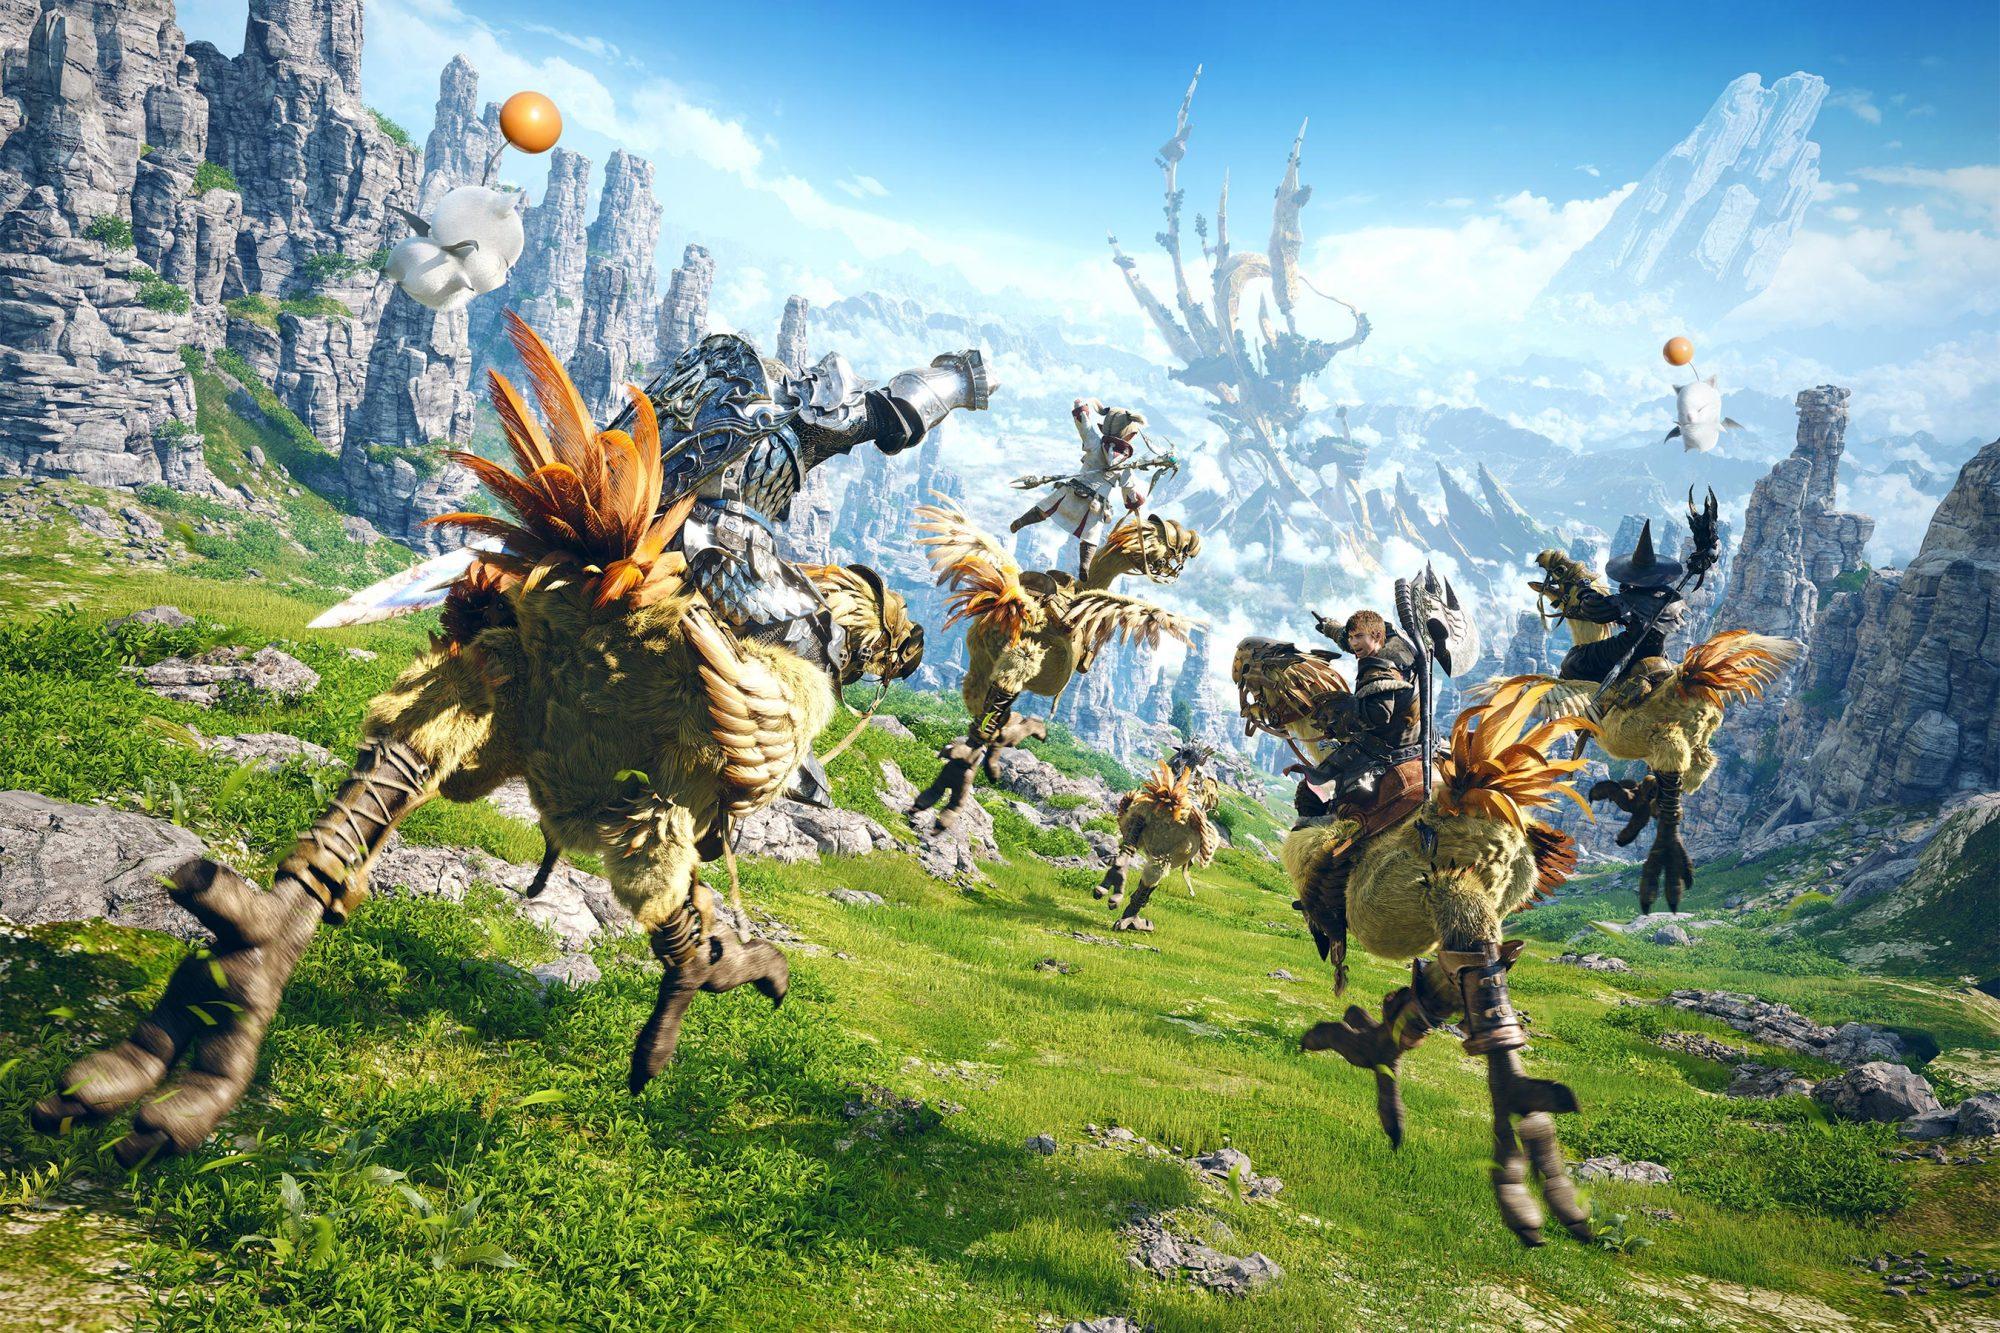 Final Fantasy XIV: A Realm Reborn key art CR: Square Enix